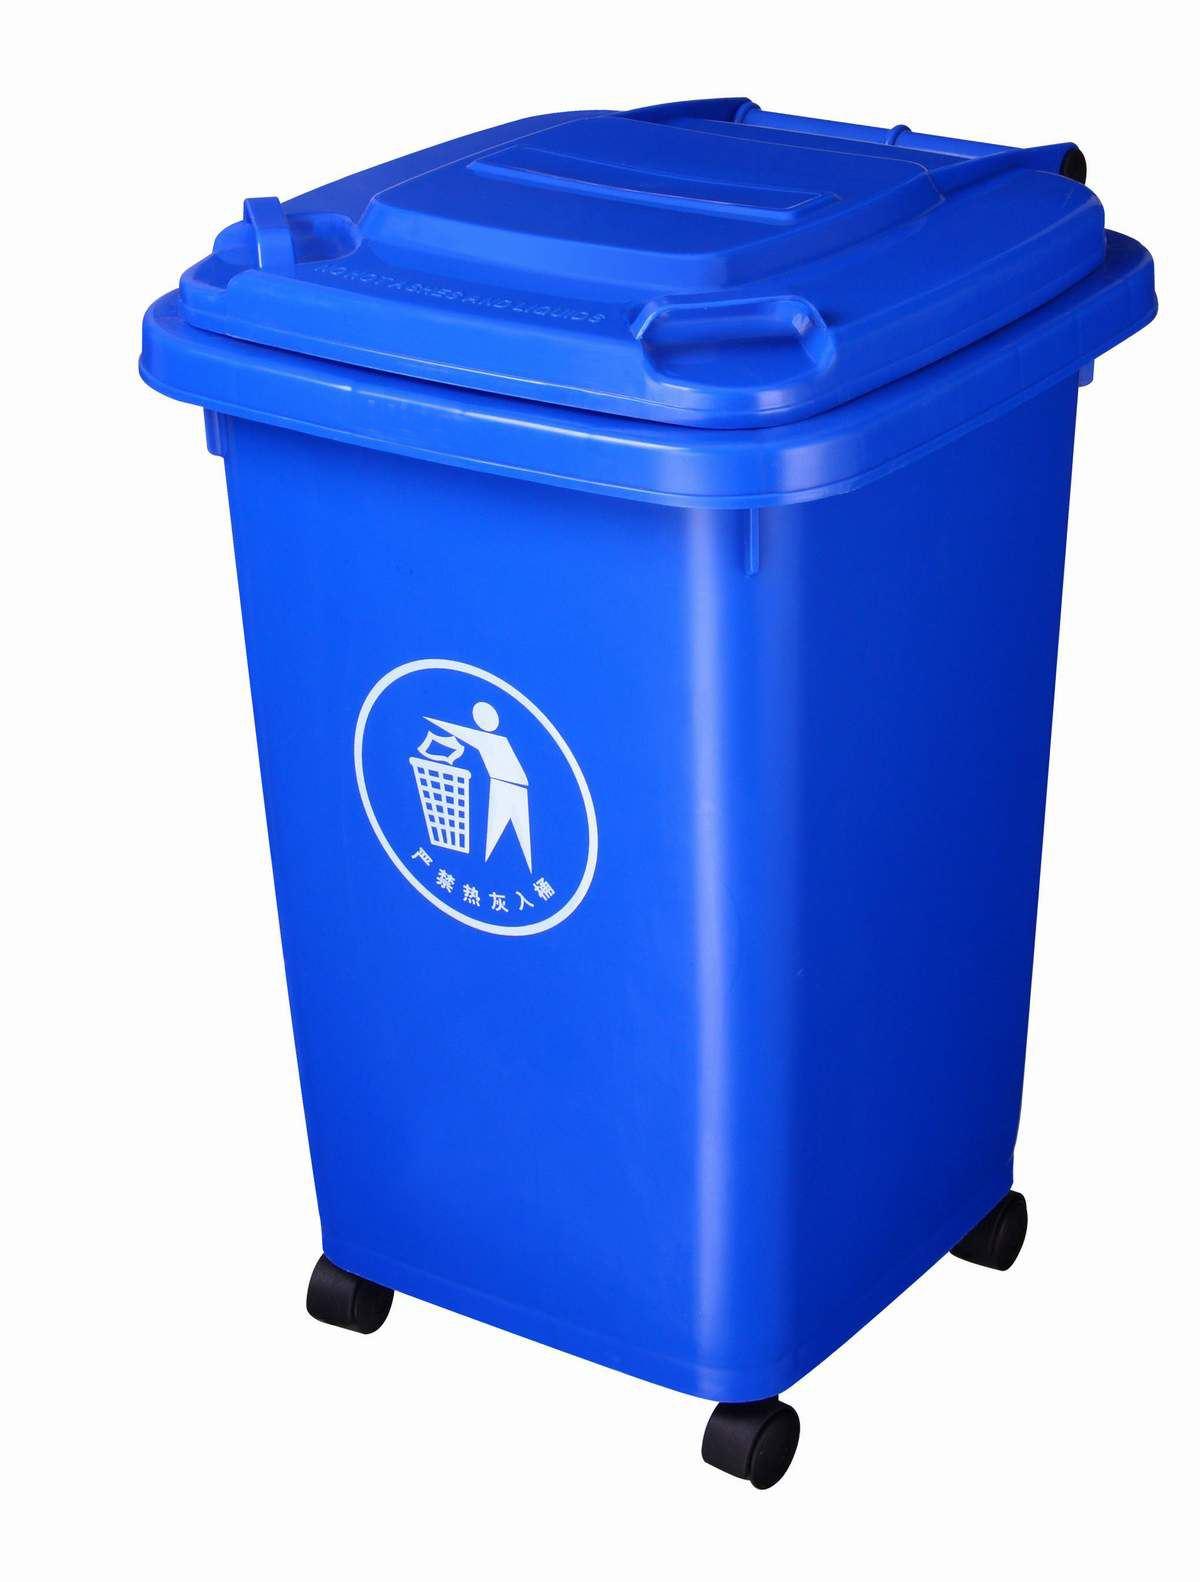 四川垃圾桶,城市垃圾分类投放点规划和建设